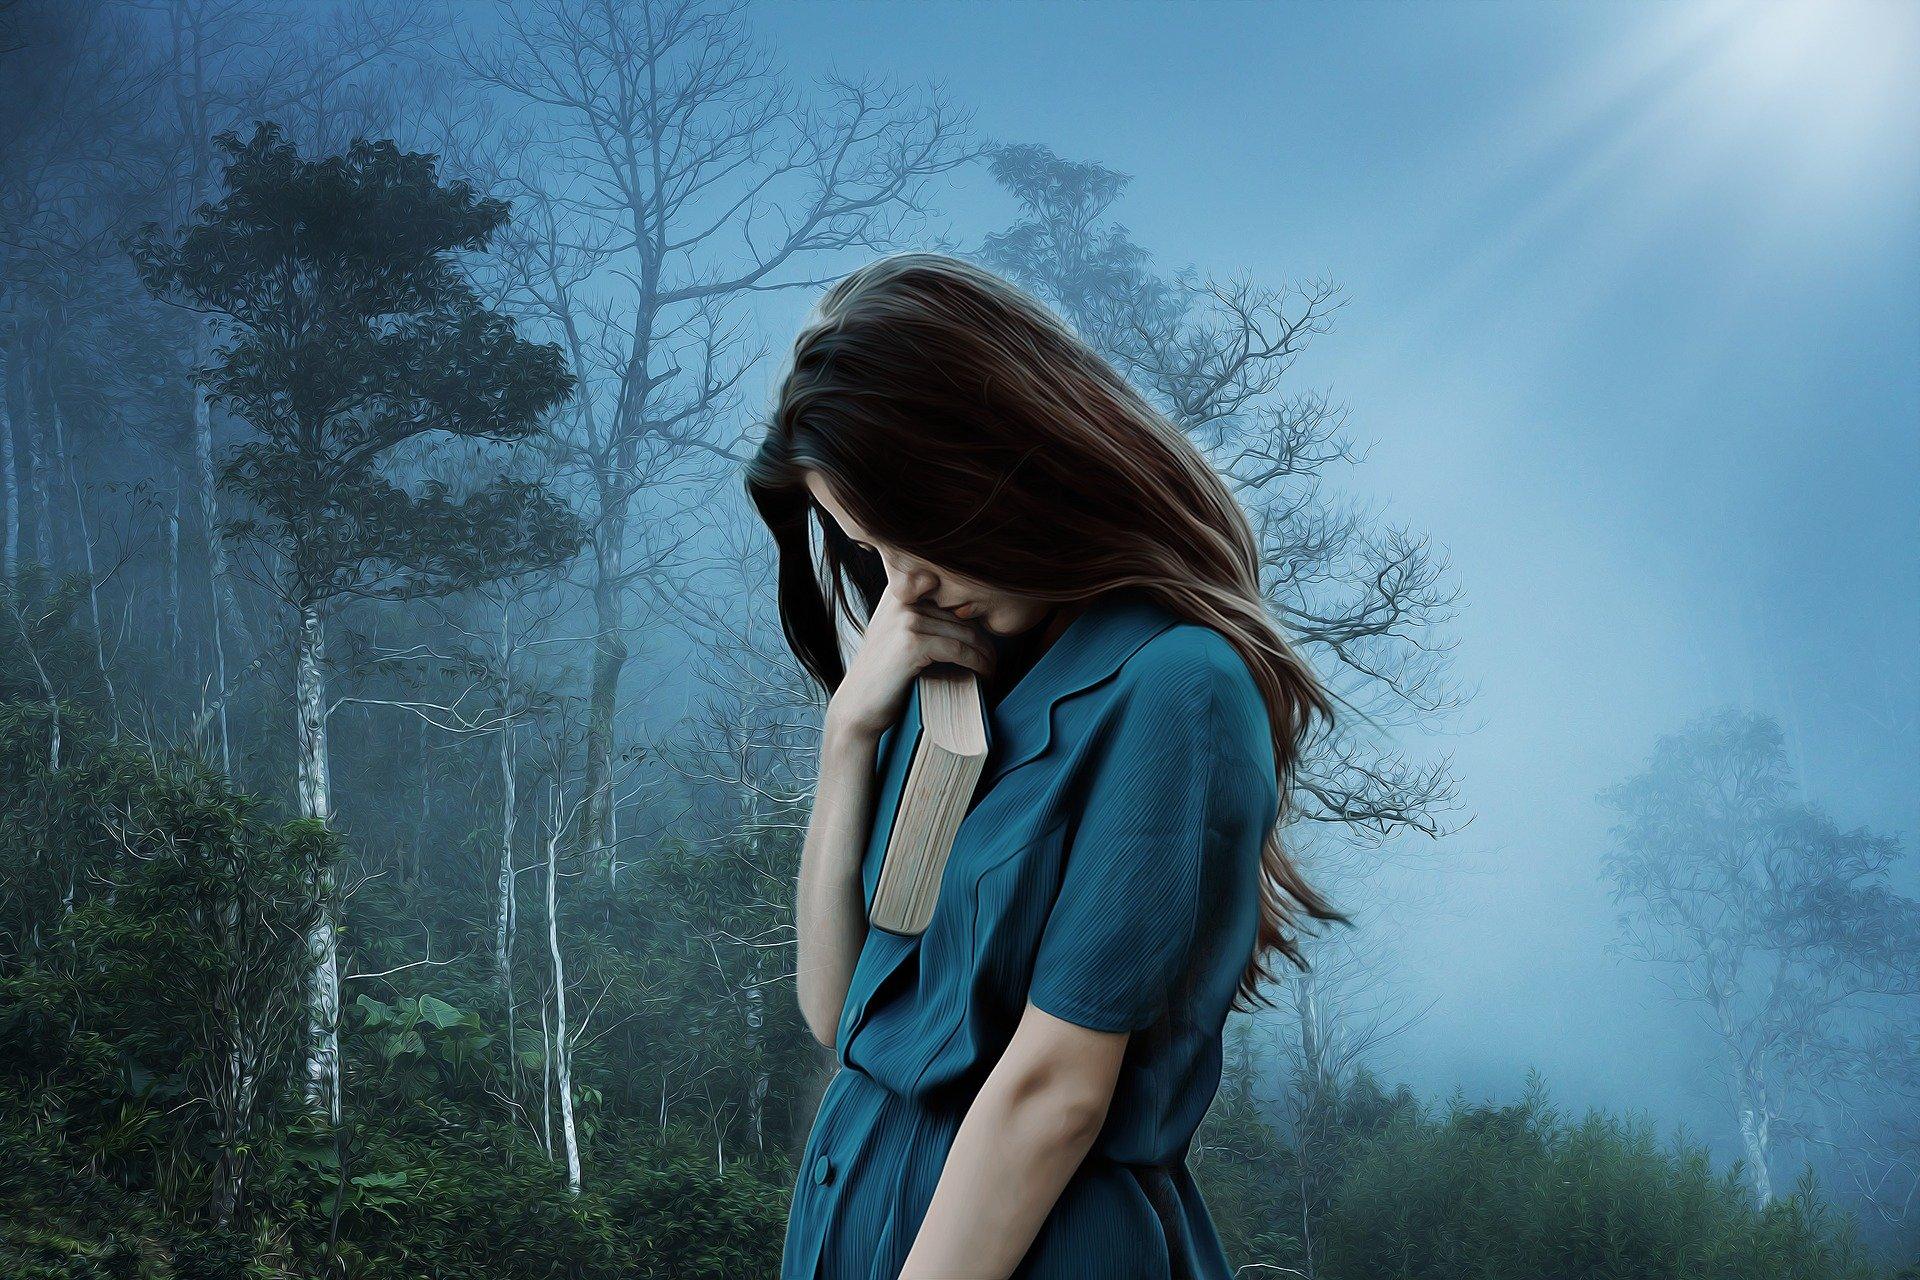 Картинка грустящей девушки